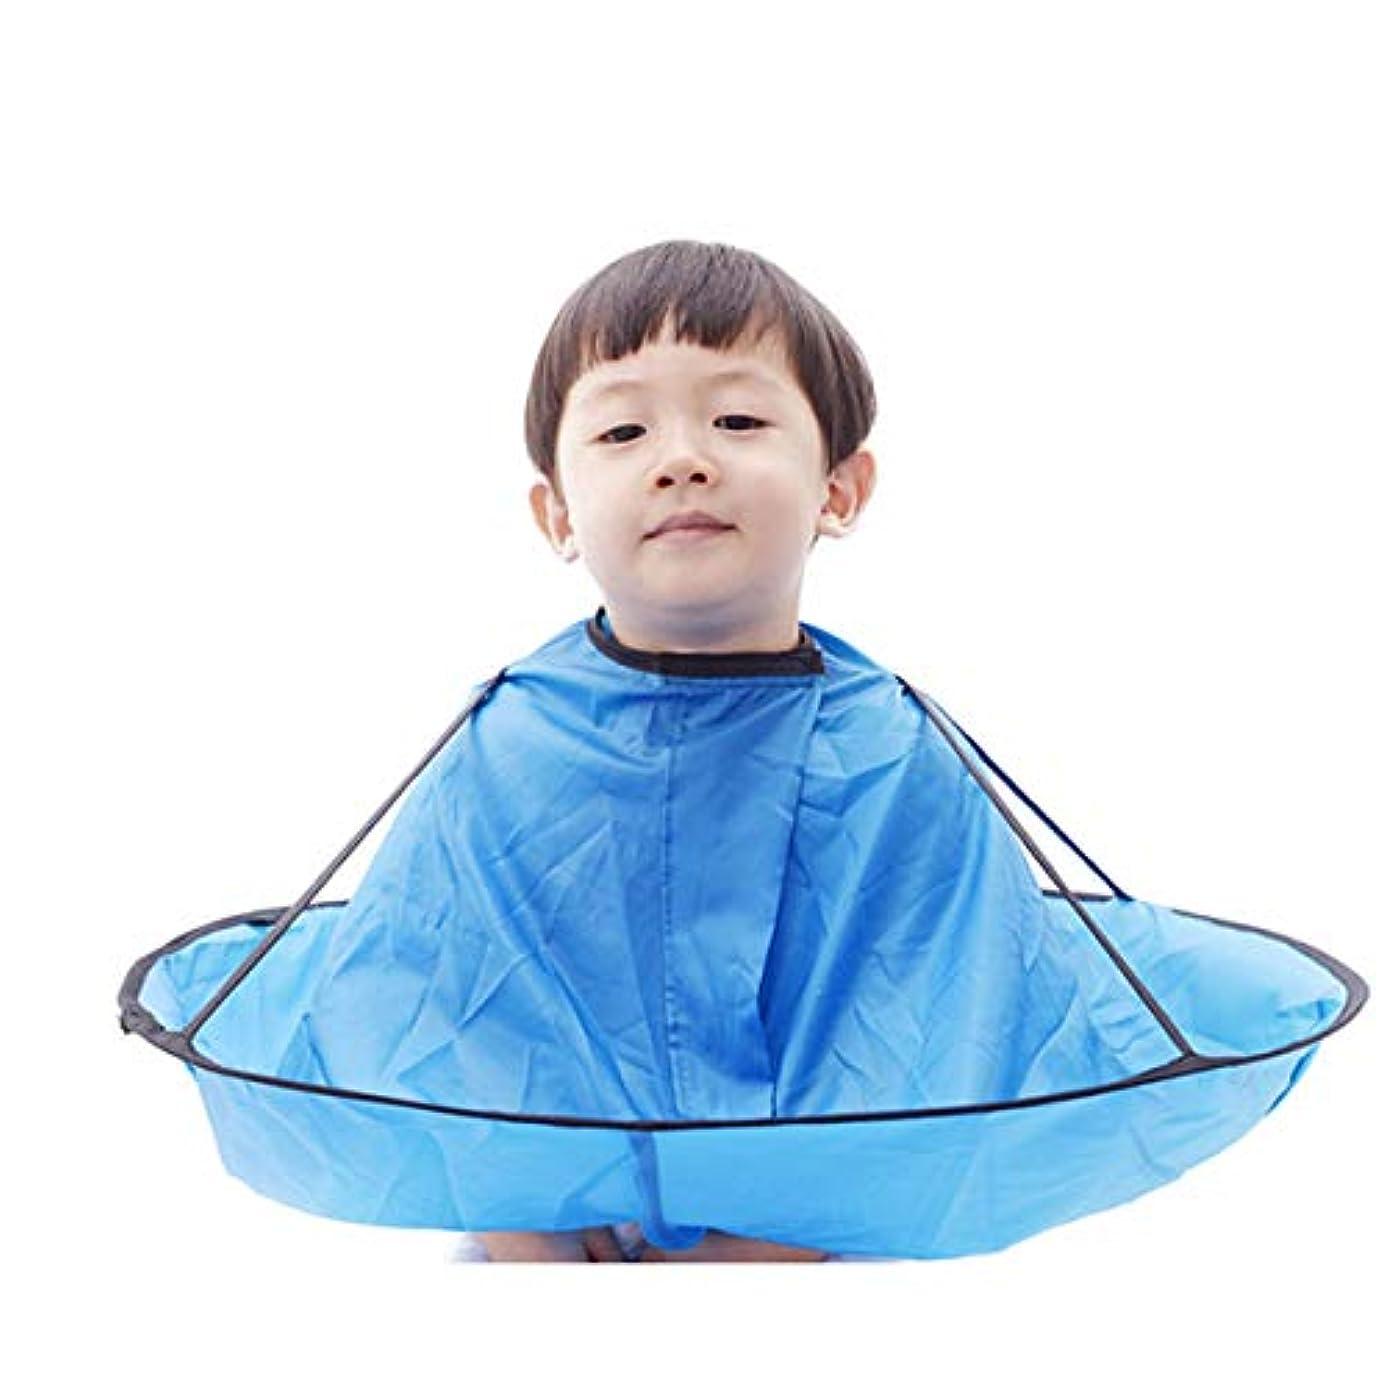 また滞在苗子供 散髪ケープ ヘアエプロン 散髪マント 刈布 ケープ 散髪道具 防水 (青)